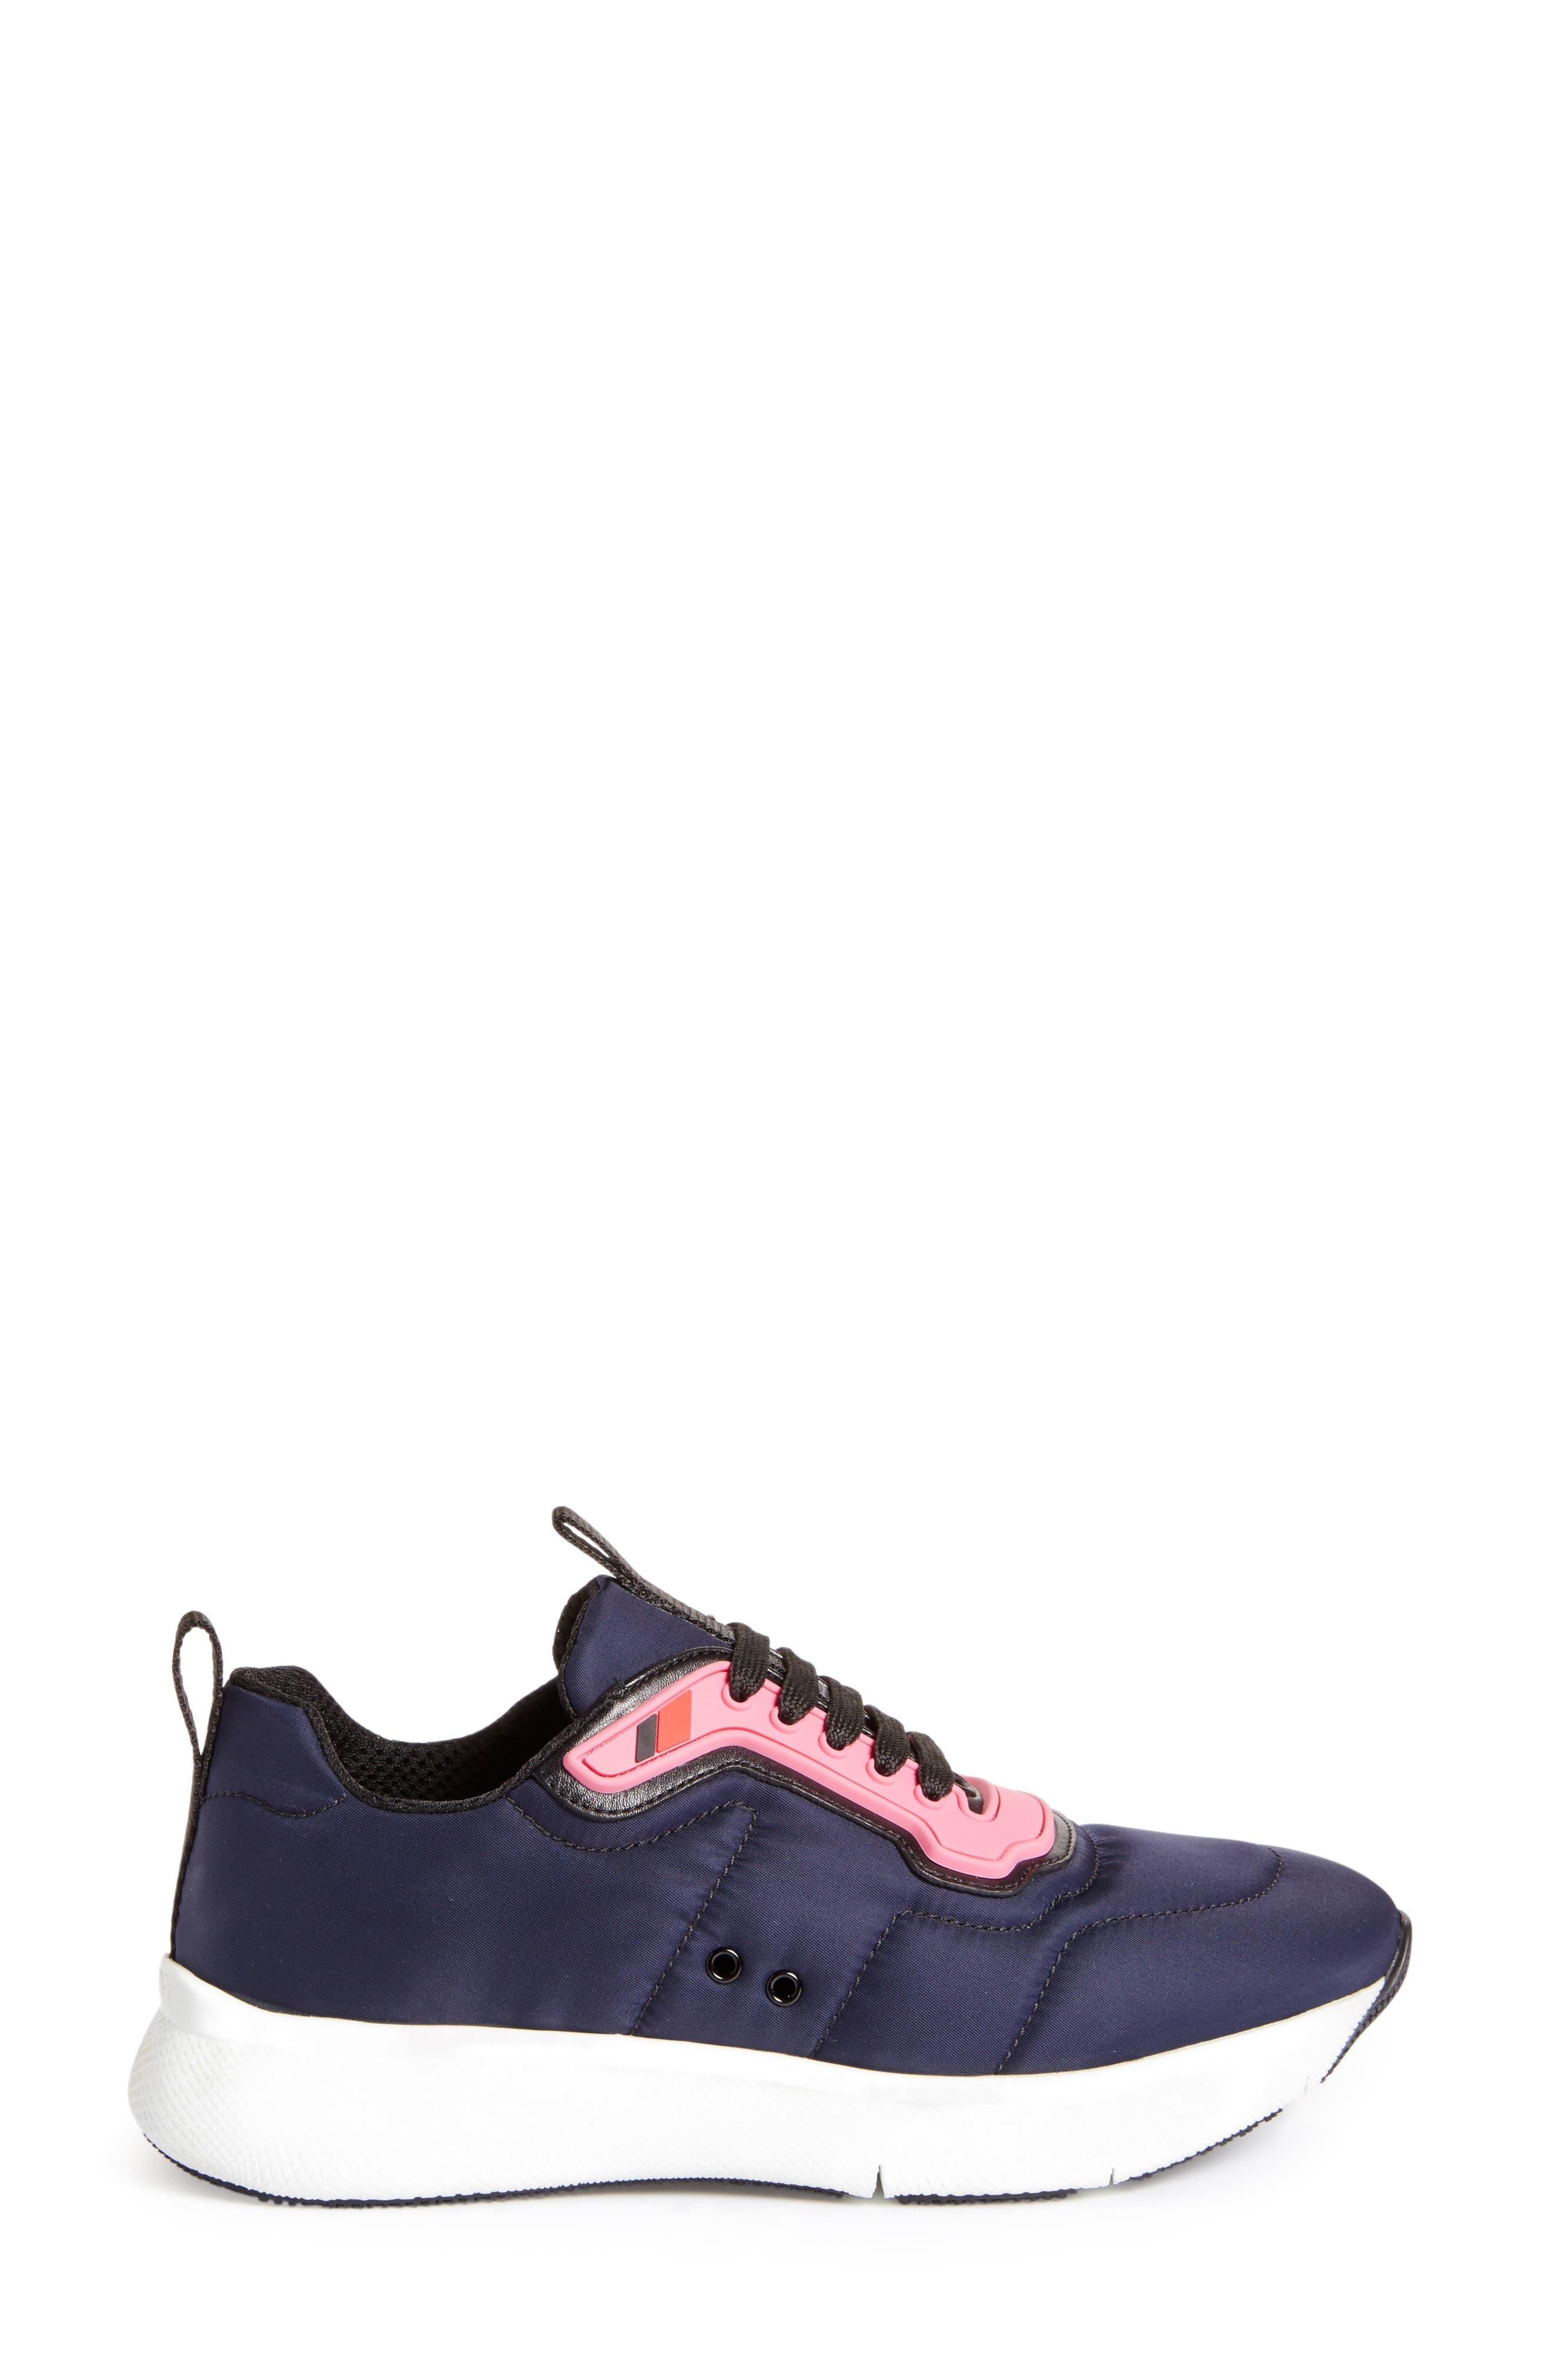 Runner Sneaker,                             Alternate thumbnail 3, color,                             002